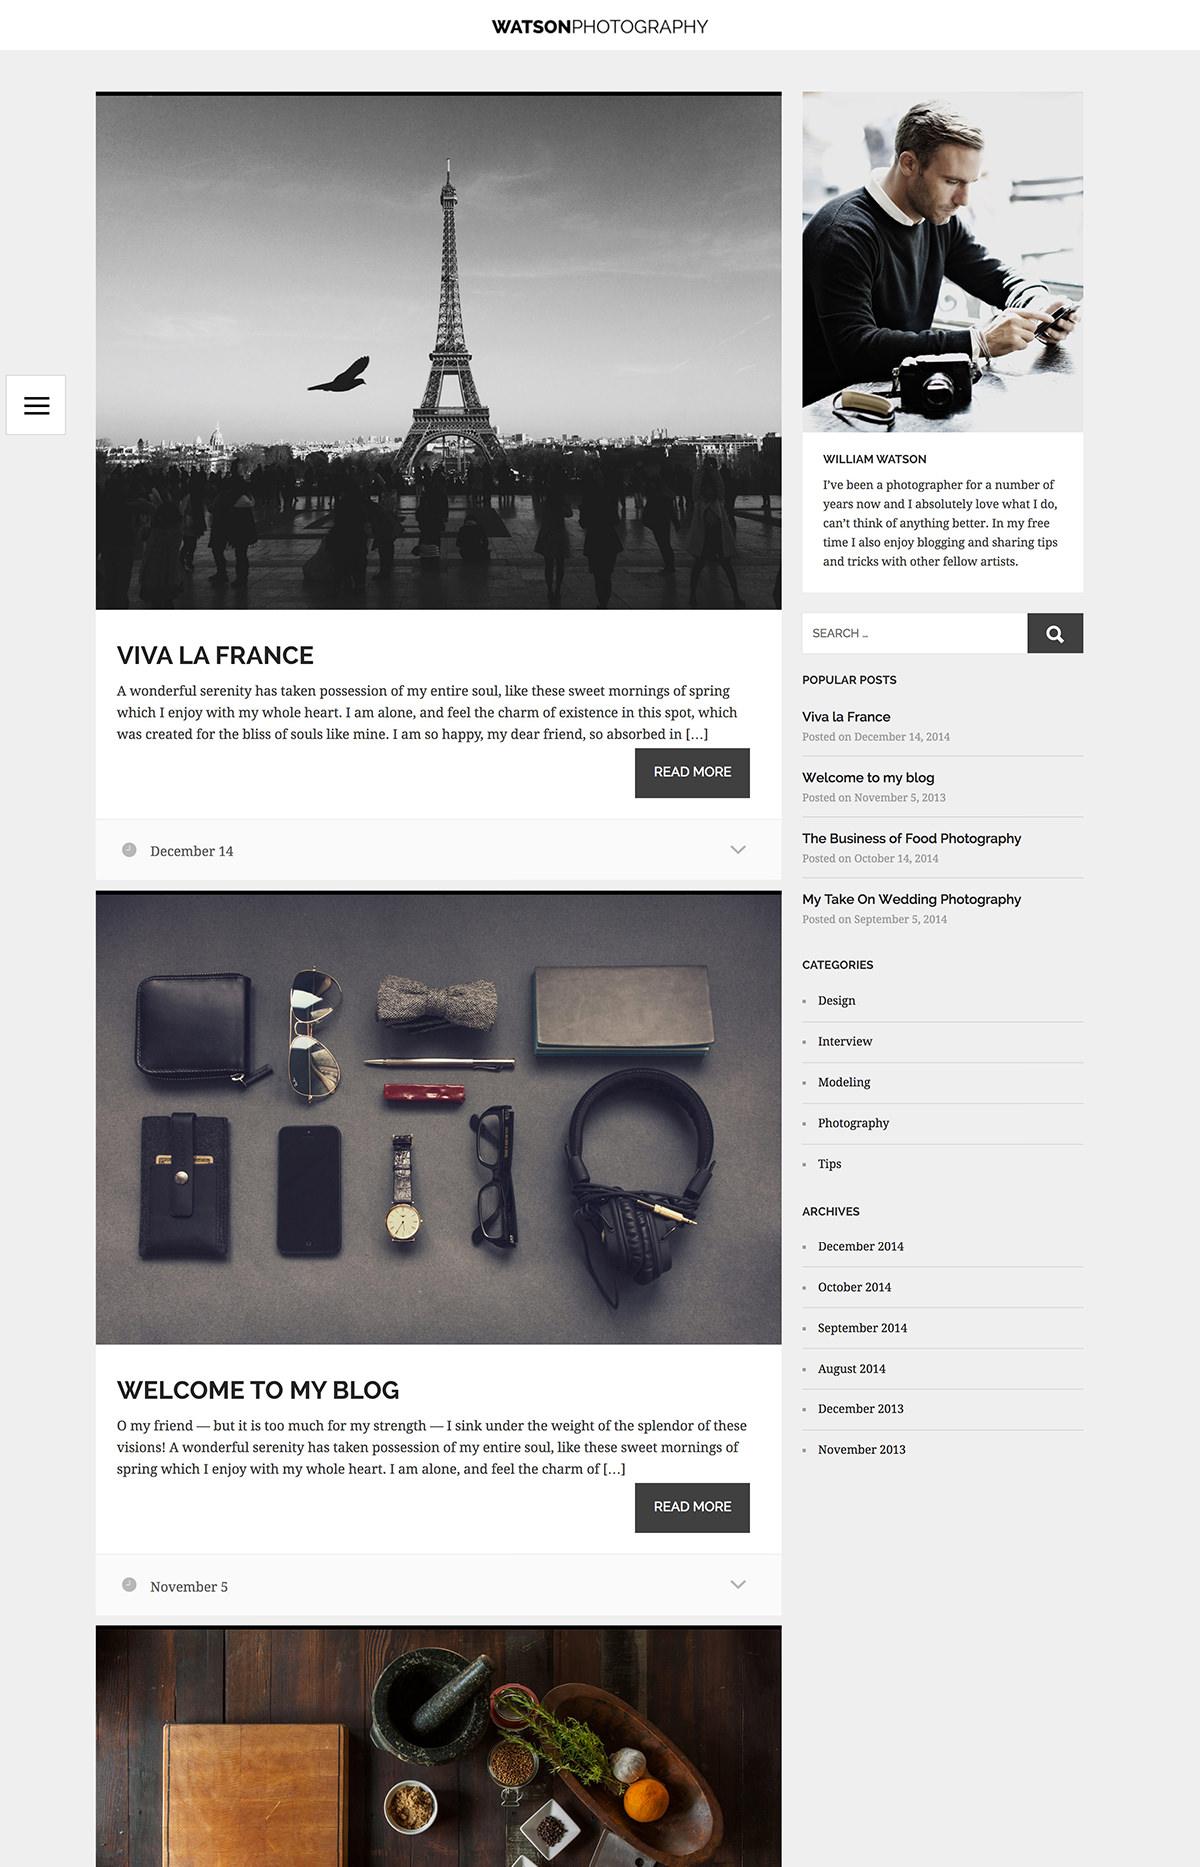 Watson WordPress theme - Blog archive and sidebar